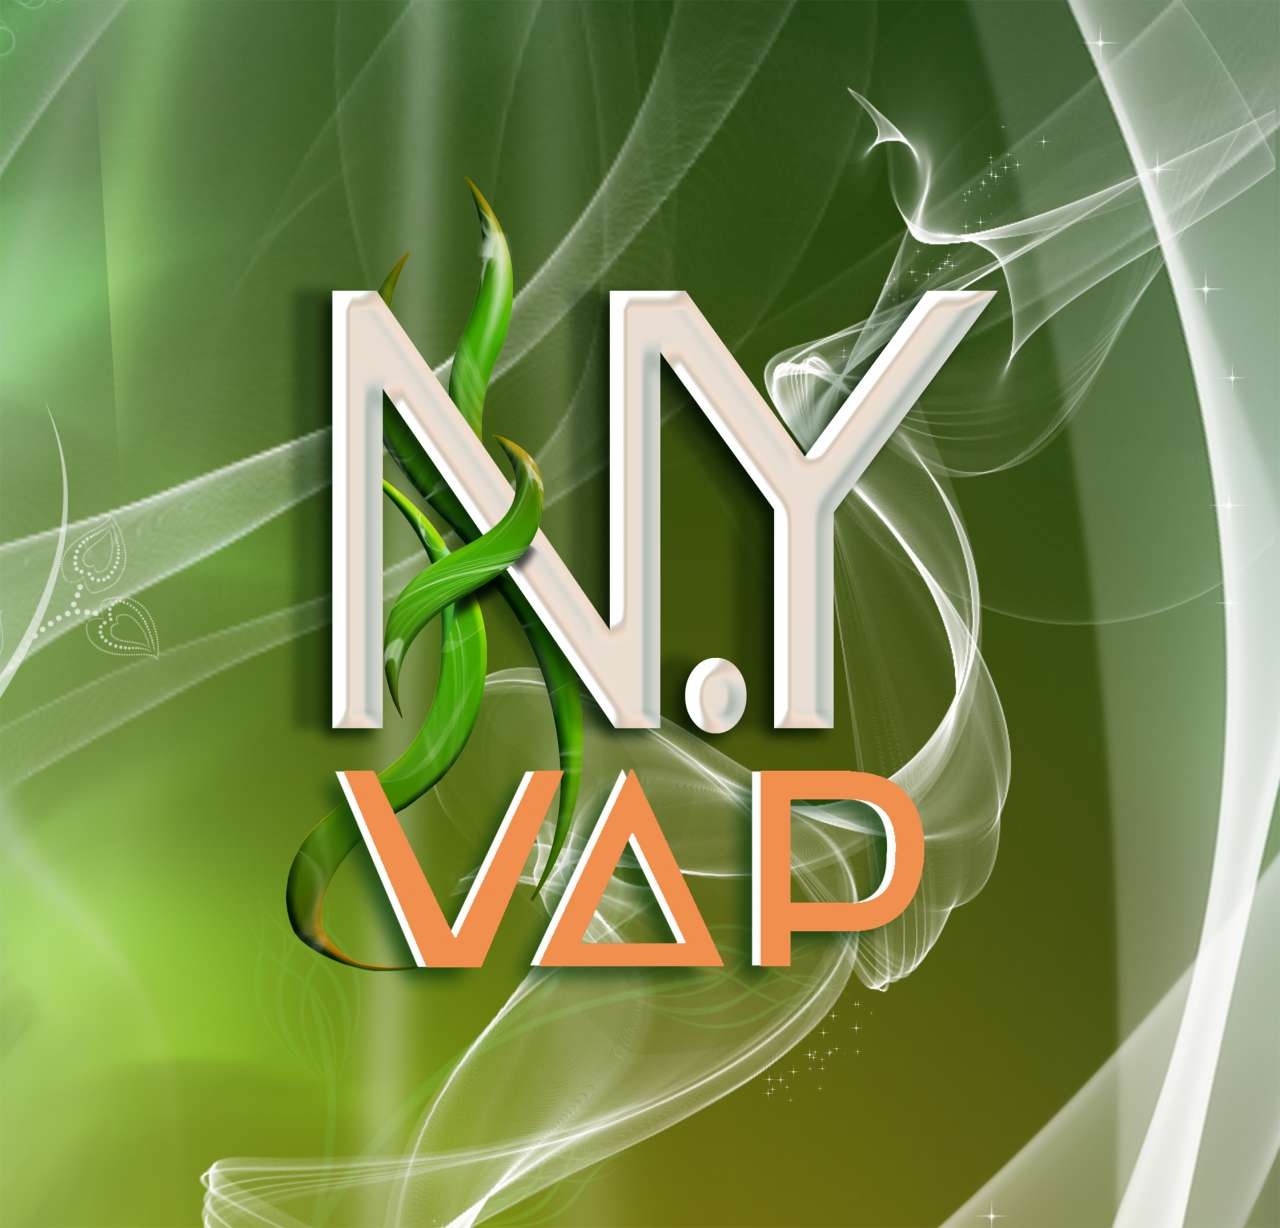 Boutique de vape spécialisée N.Y'VAP située à AMENDEUIX-ONEIX